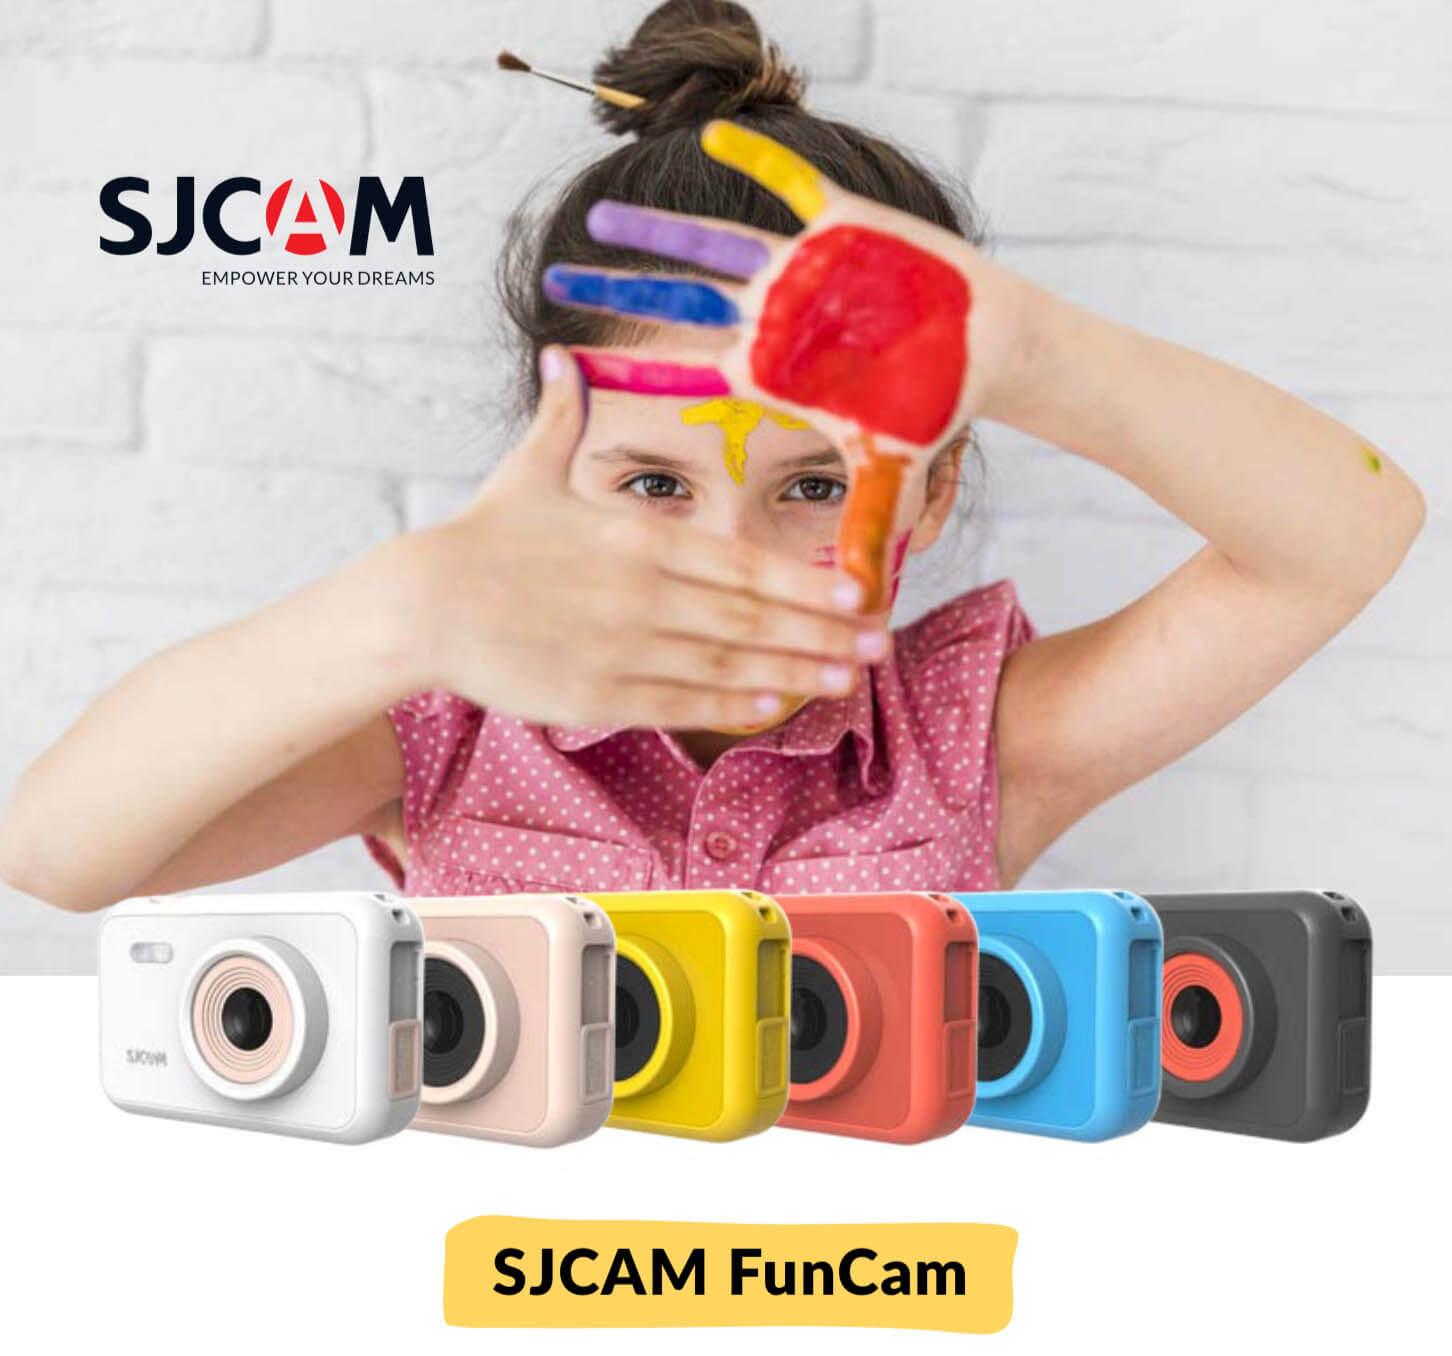 SJCAM F1 FunCam